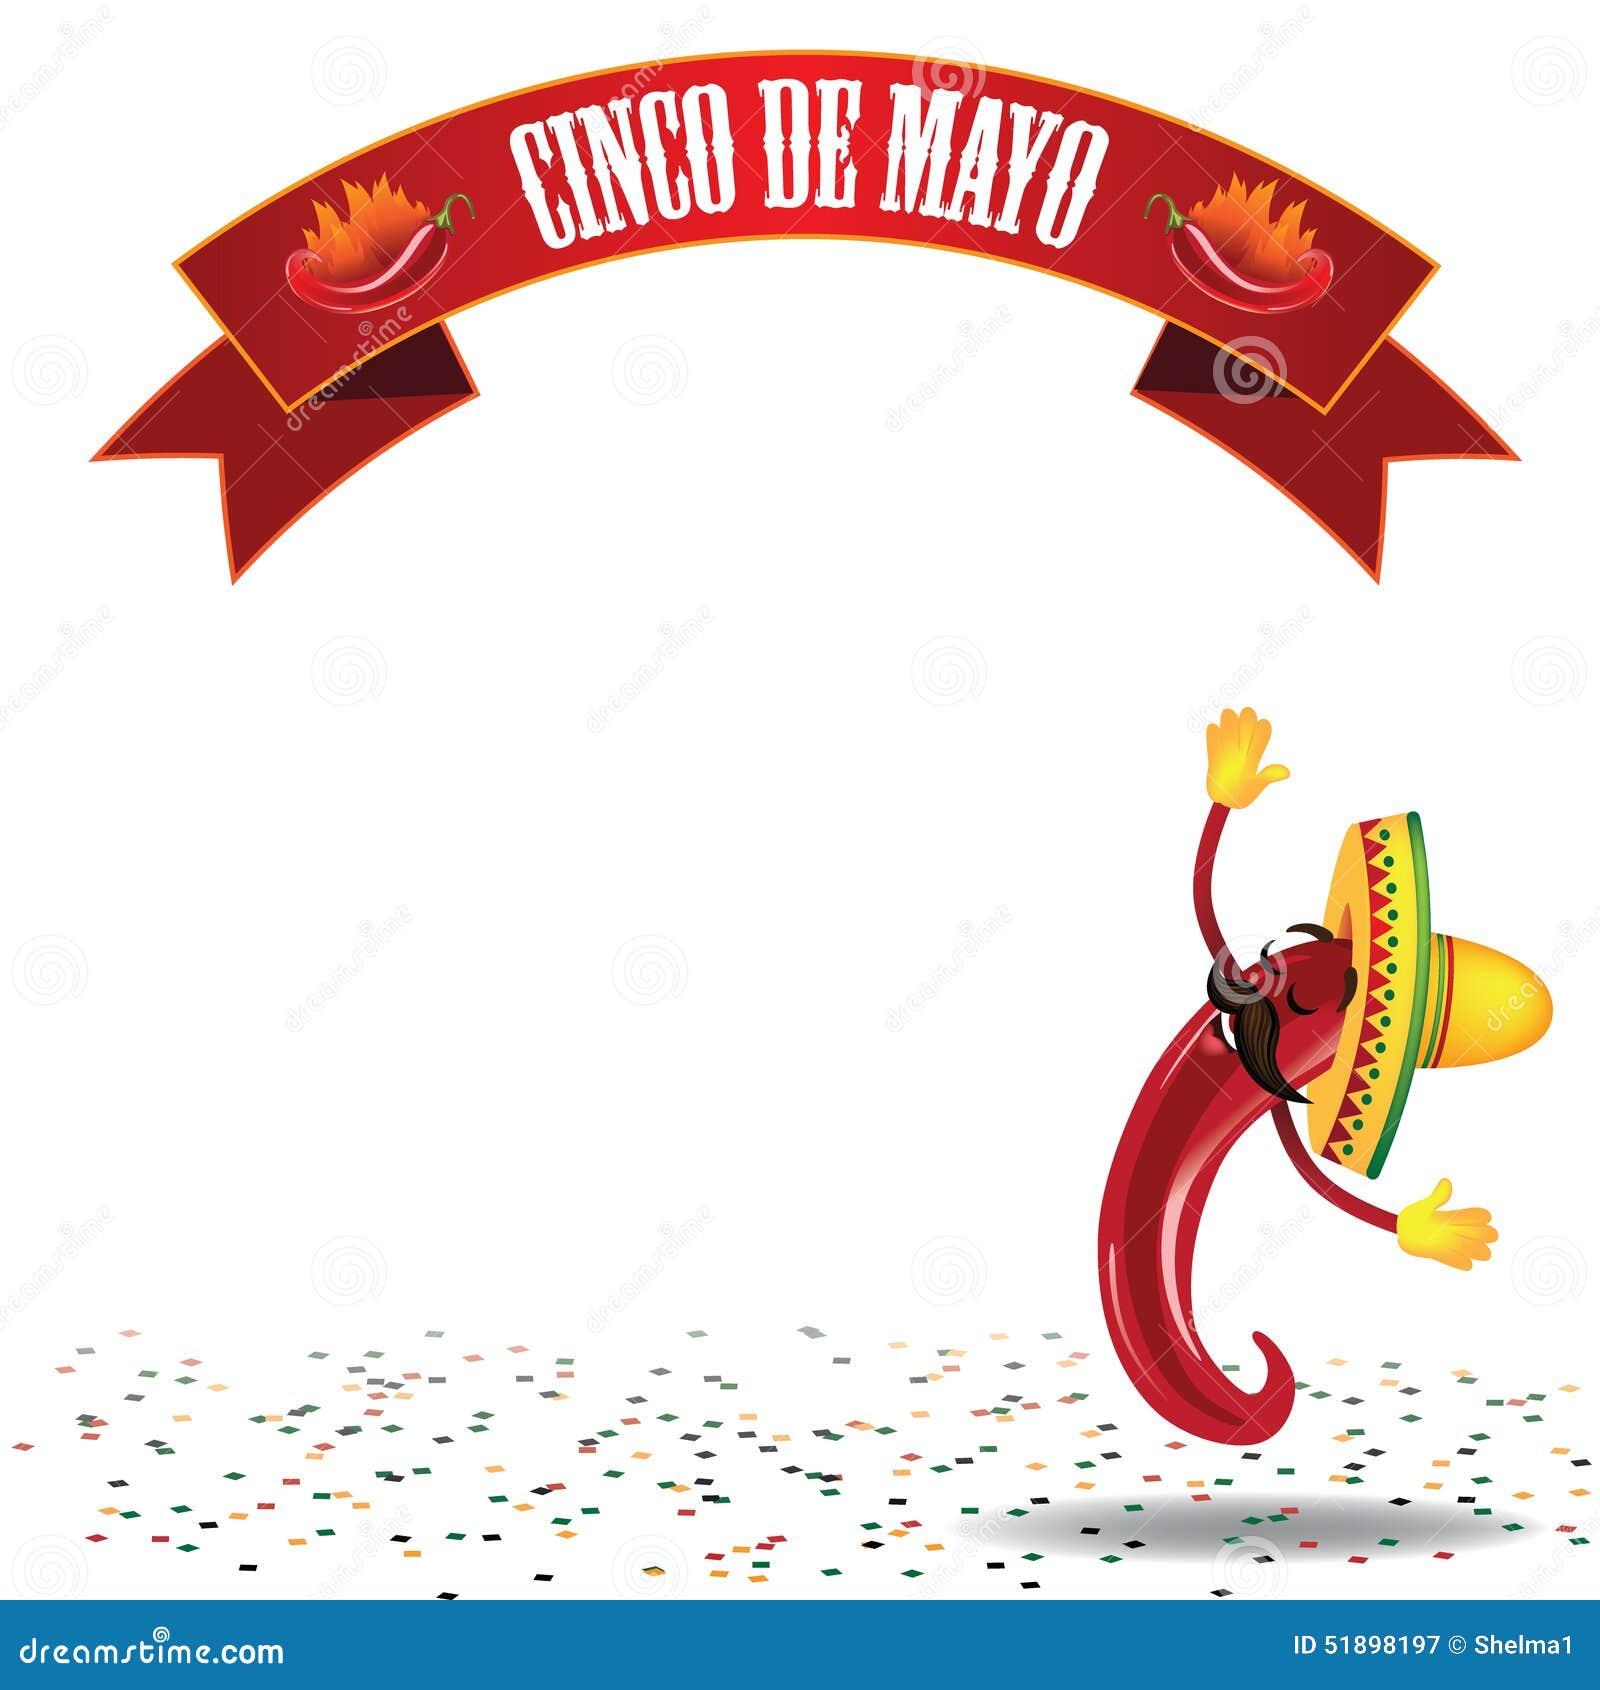 Cinco De Mayo Dancing Hot Pepper Background EPS10 Vector